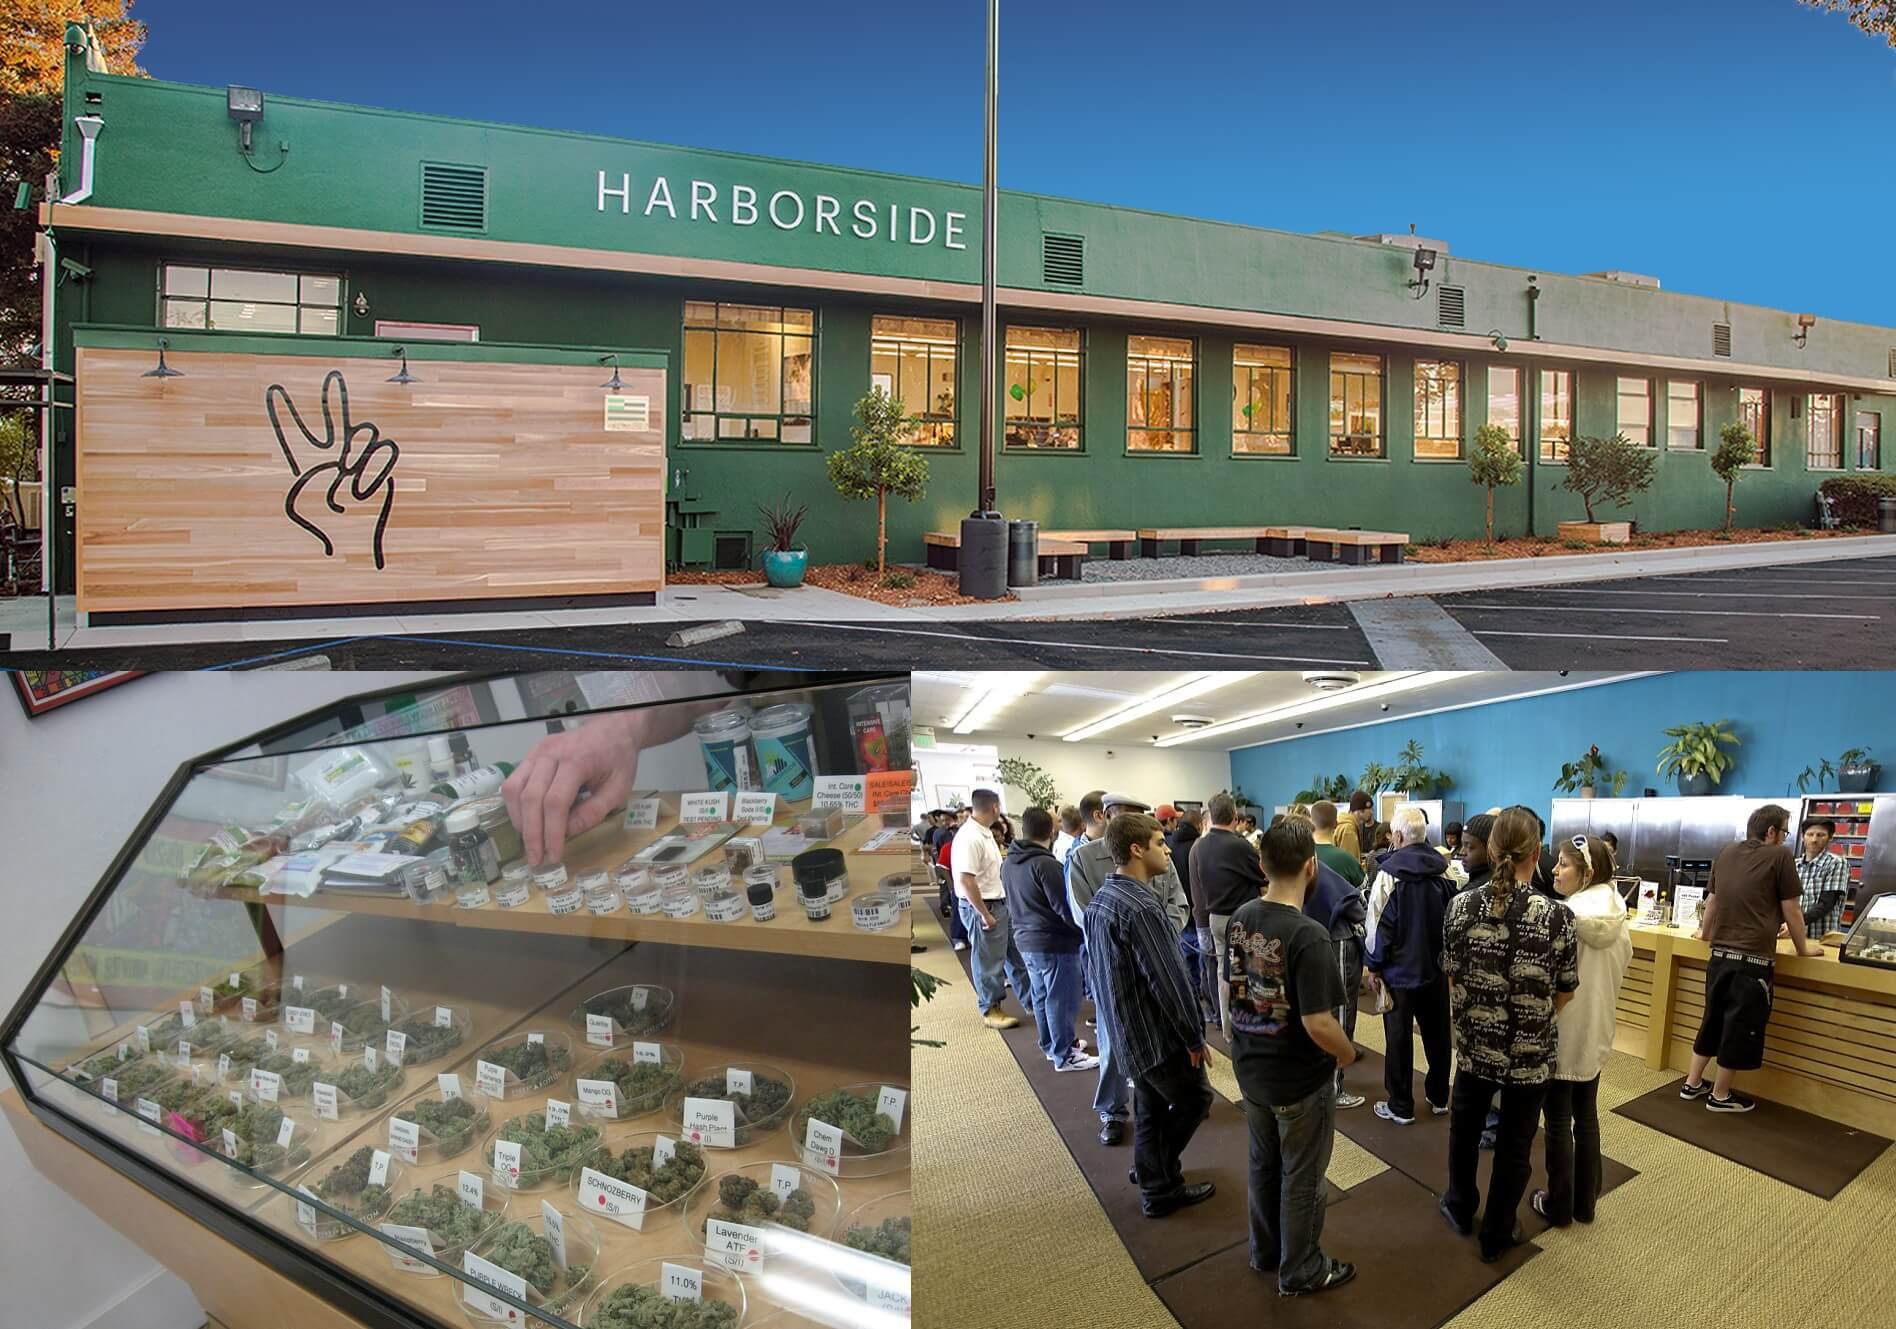 Harborside, le plus grand dispensaire de cannabis au monde